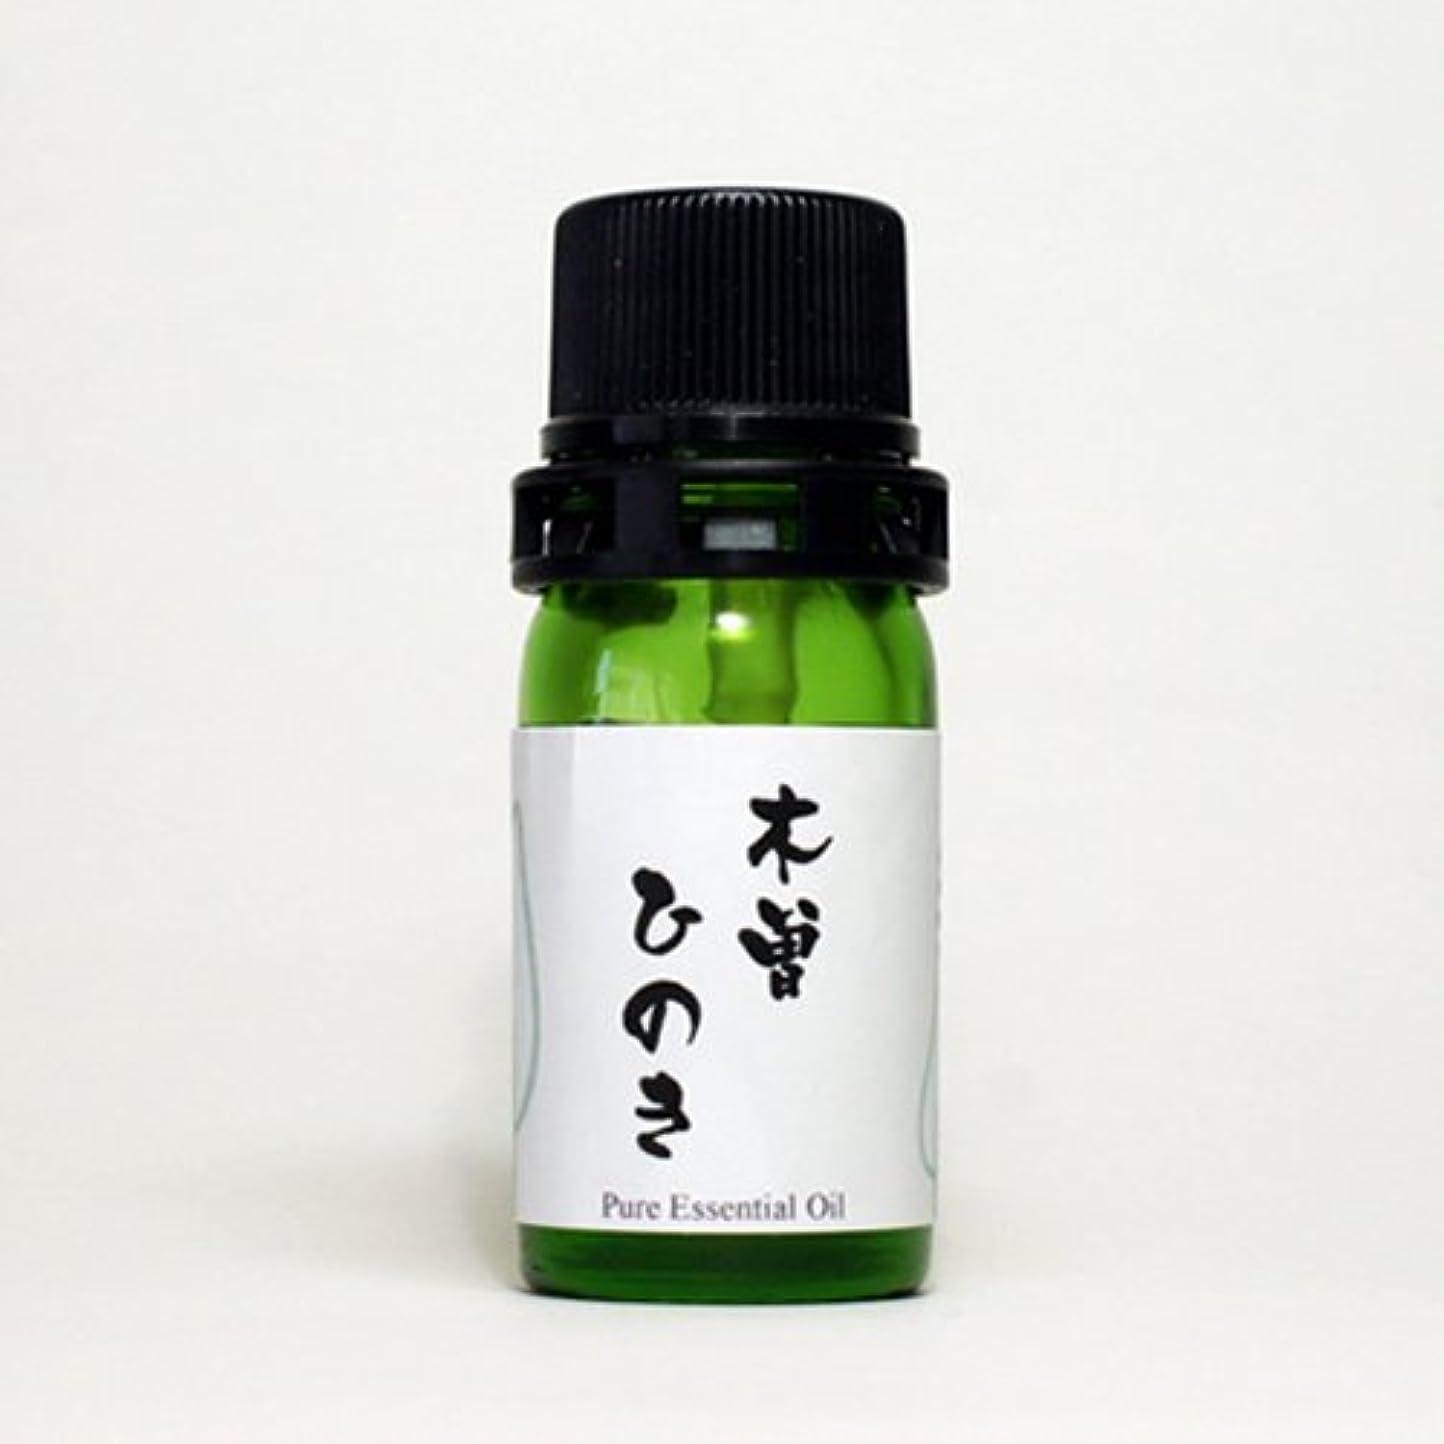 緊張する病気の散髪和精油 木曽ひのき(長野県産) エッセンシャルオイル 5ml